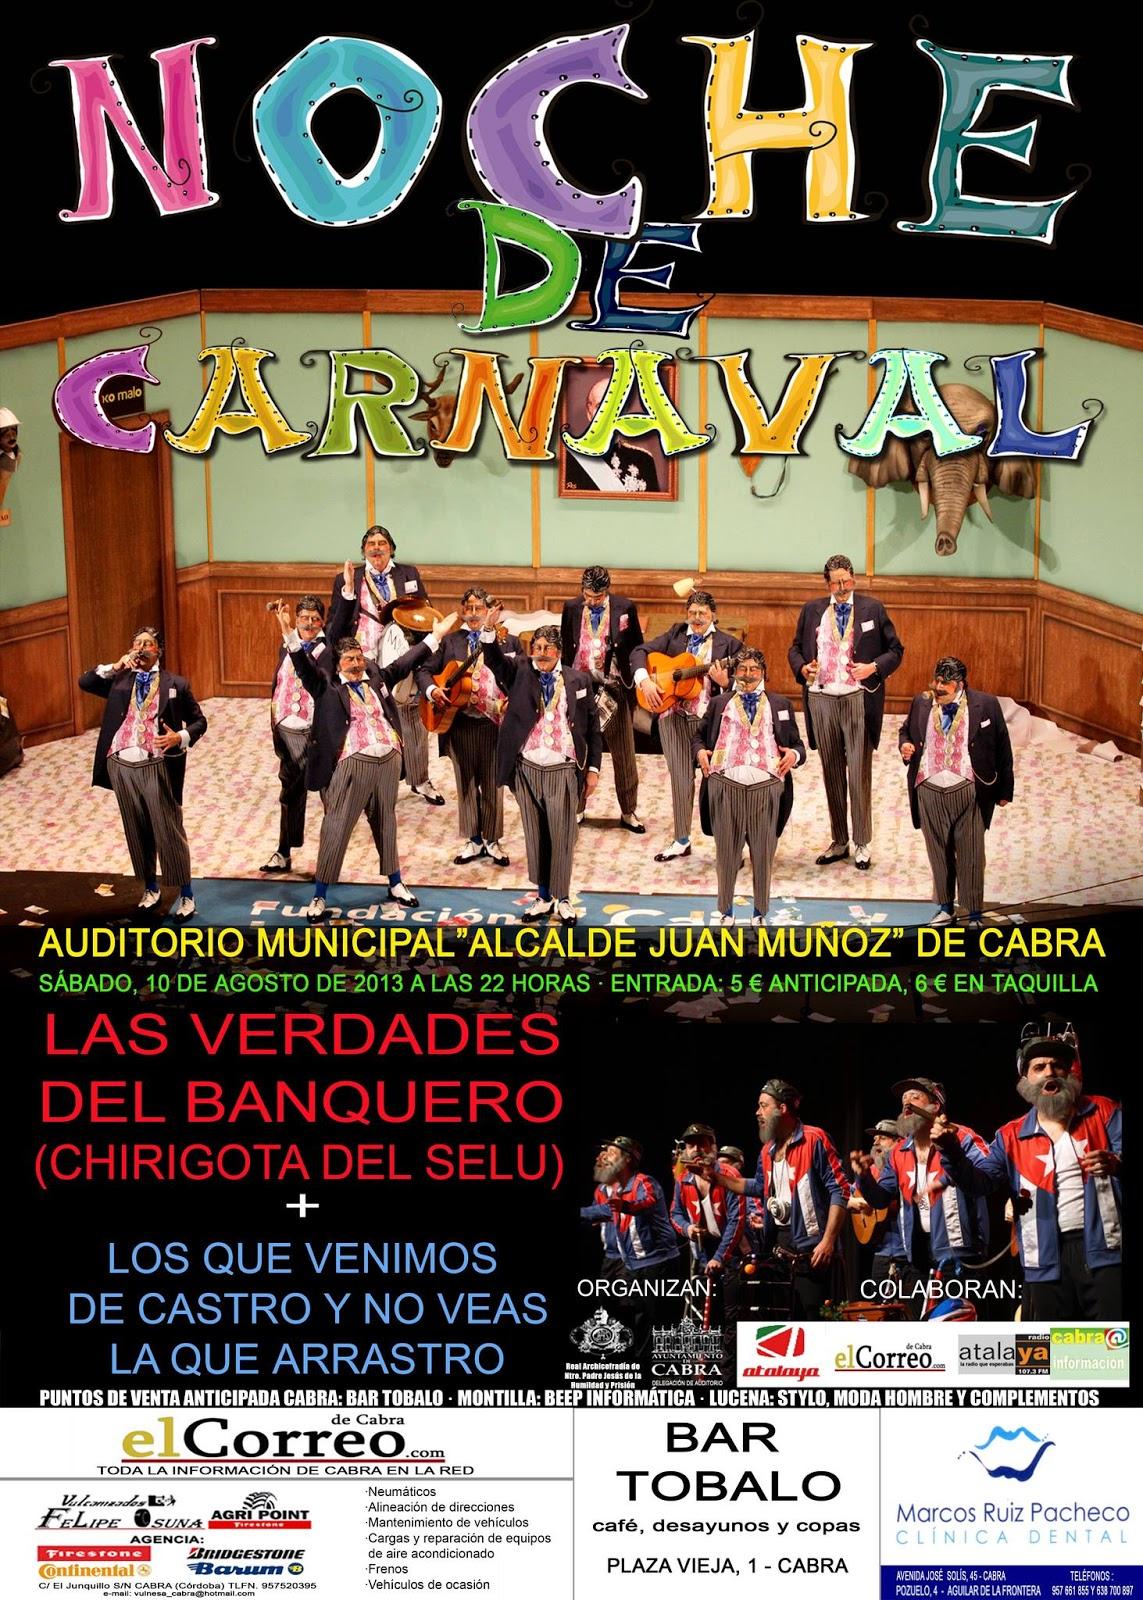 Archicofradía De Nuestro Padre Jesús Preso Cabra Noche De Carnaval Sábado 10 De Agosto 22 00h Auditorio Municipal Alcalde Juan Muñoz Cabra